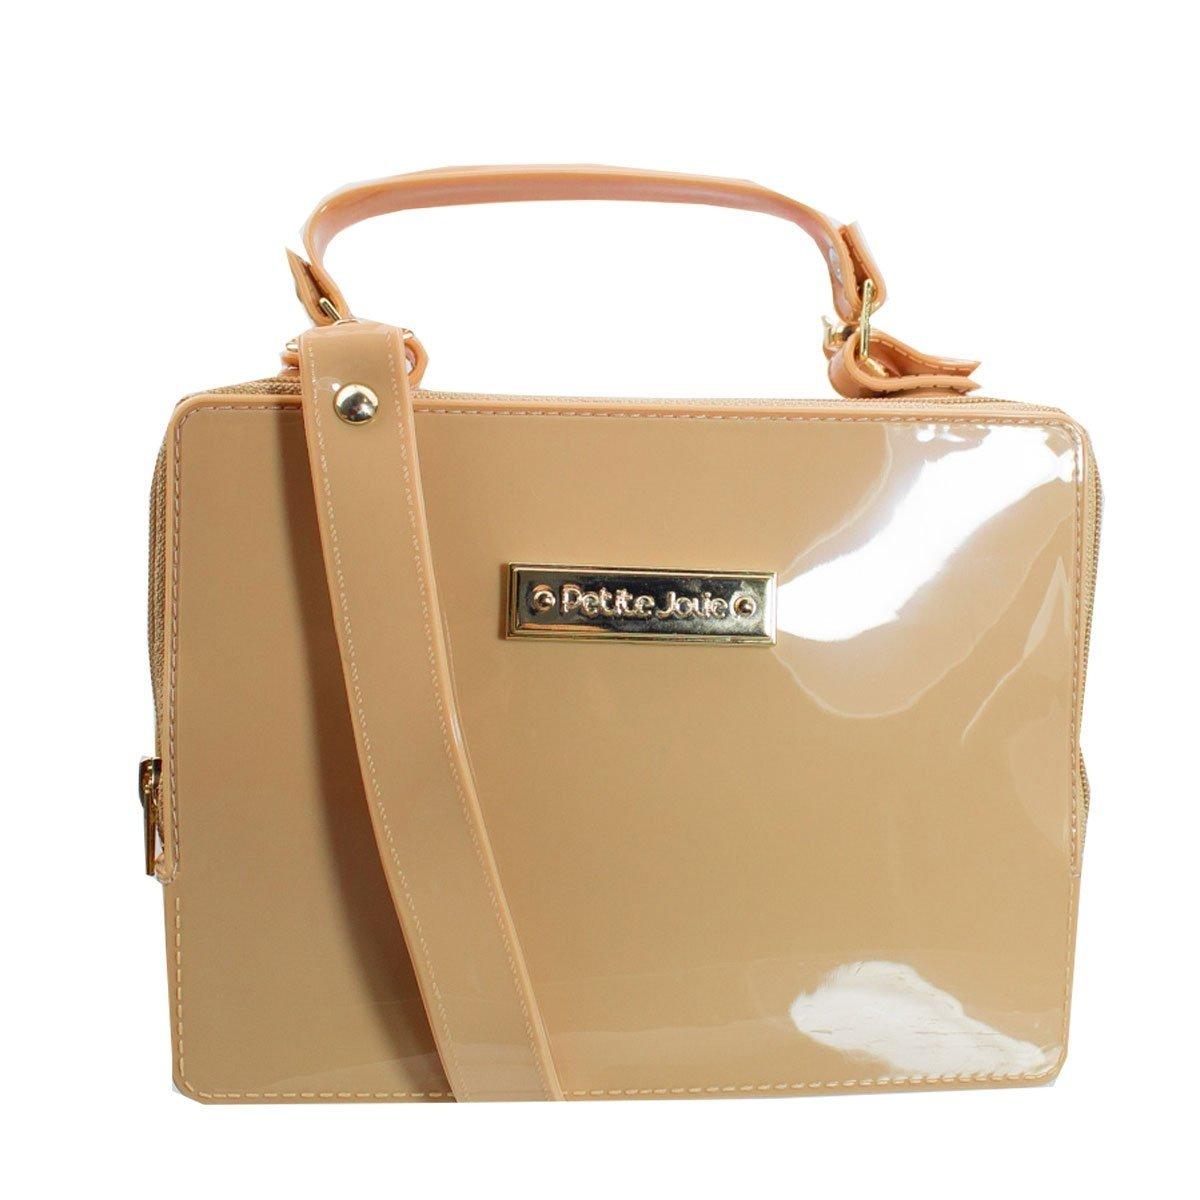 11350c14a Bolsa Feminina Petite Jolie Box Bag PVC Pj2526 - Compre Agora